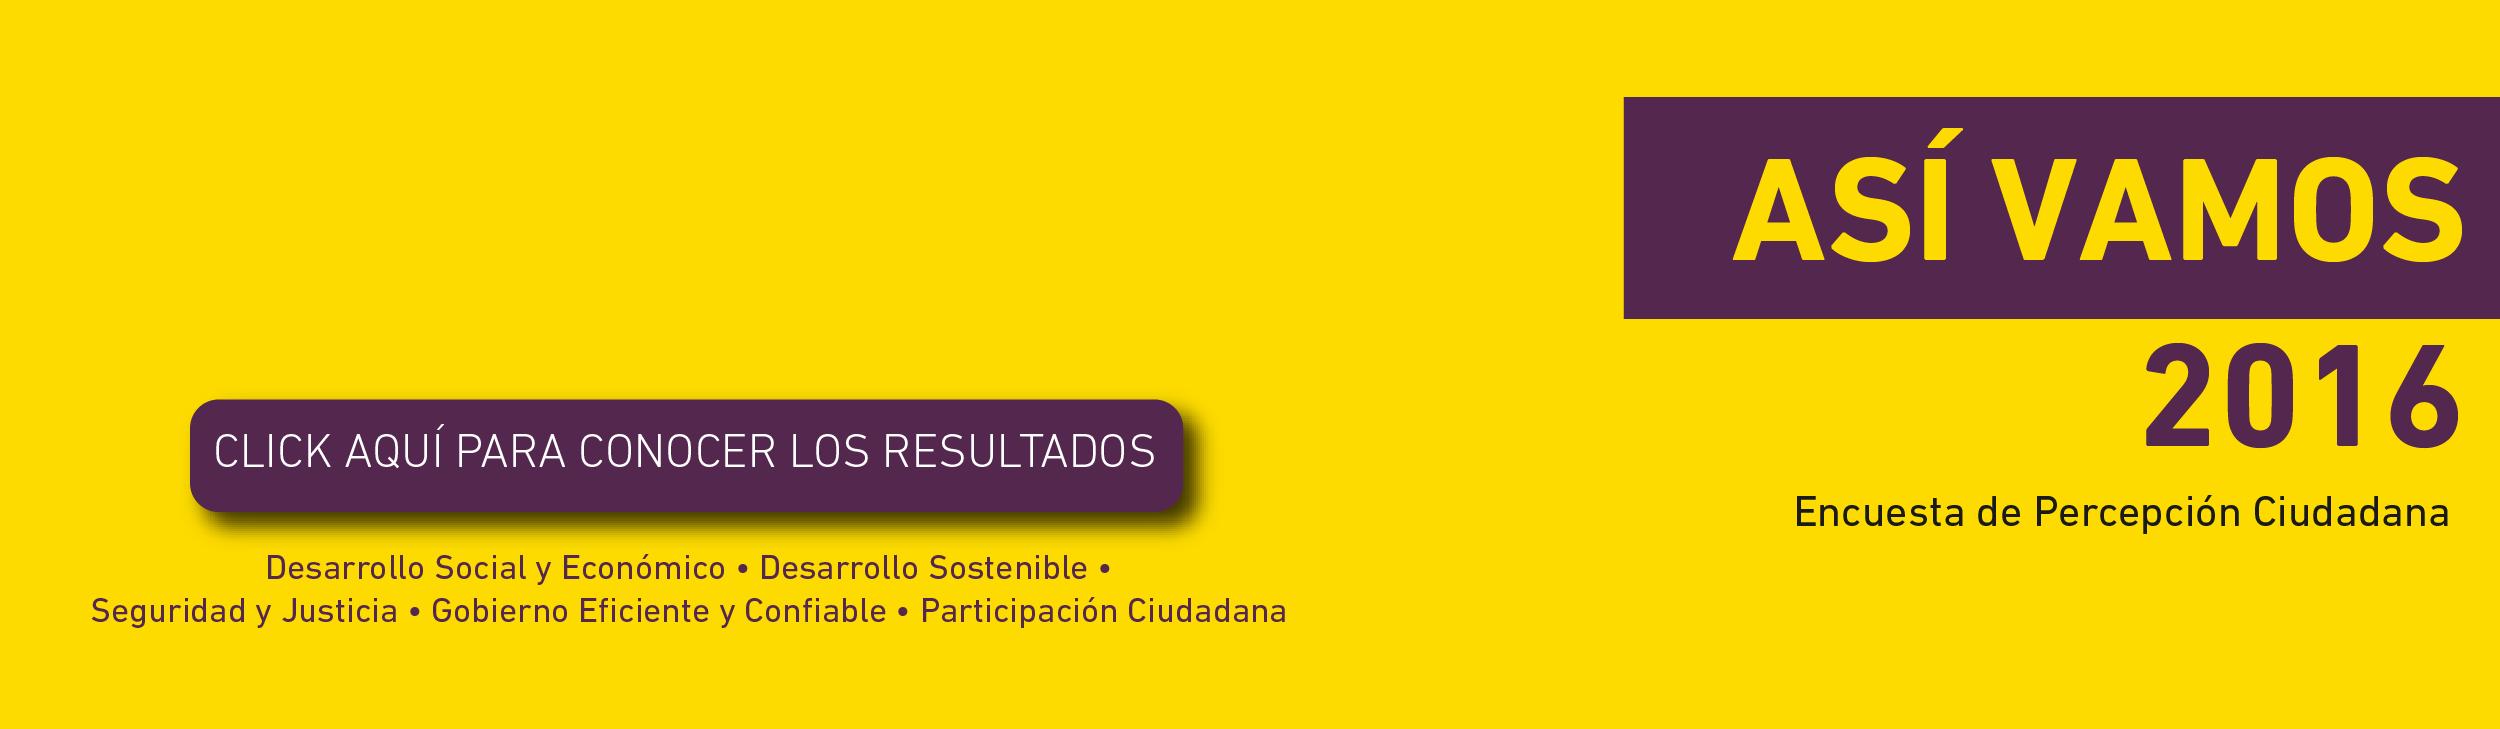 Slider asi%cc%81 vamos 2016 amarillo asi vamos 2016